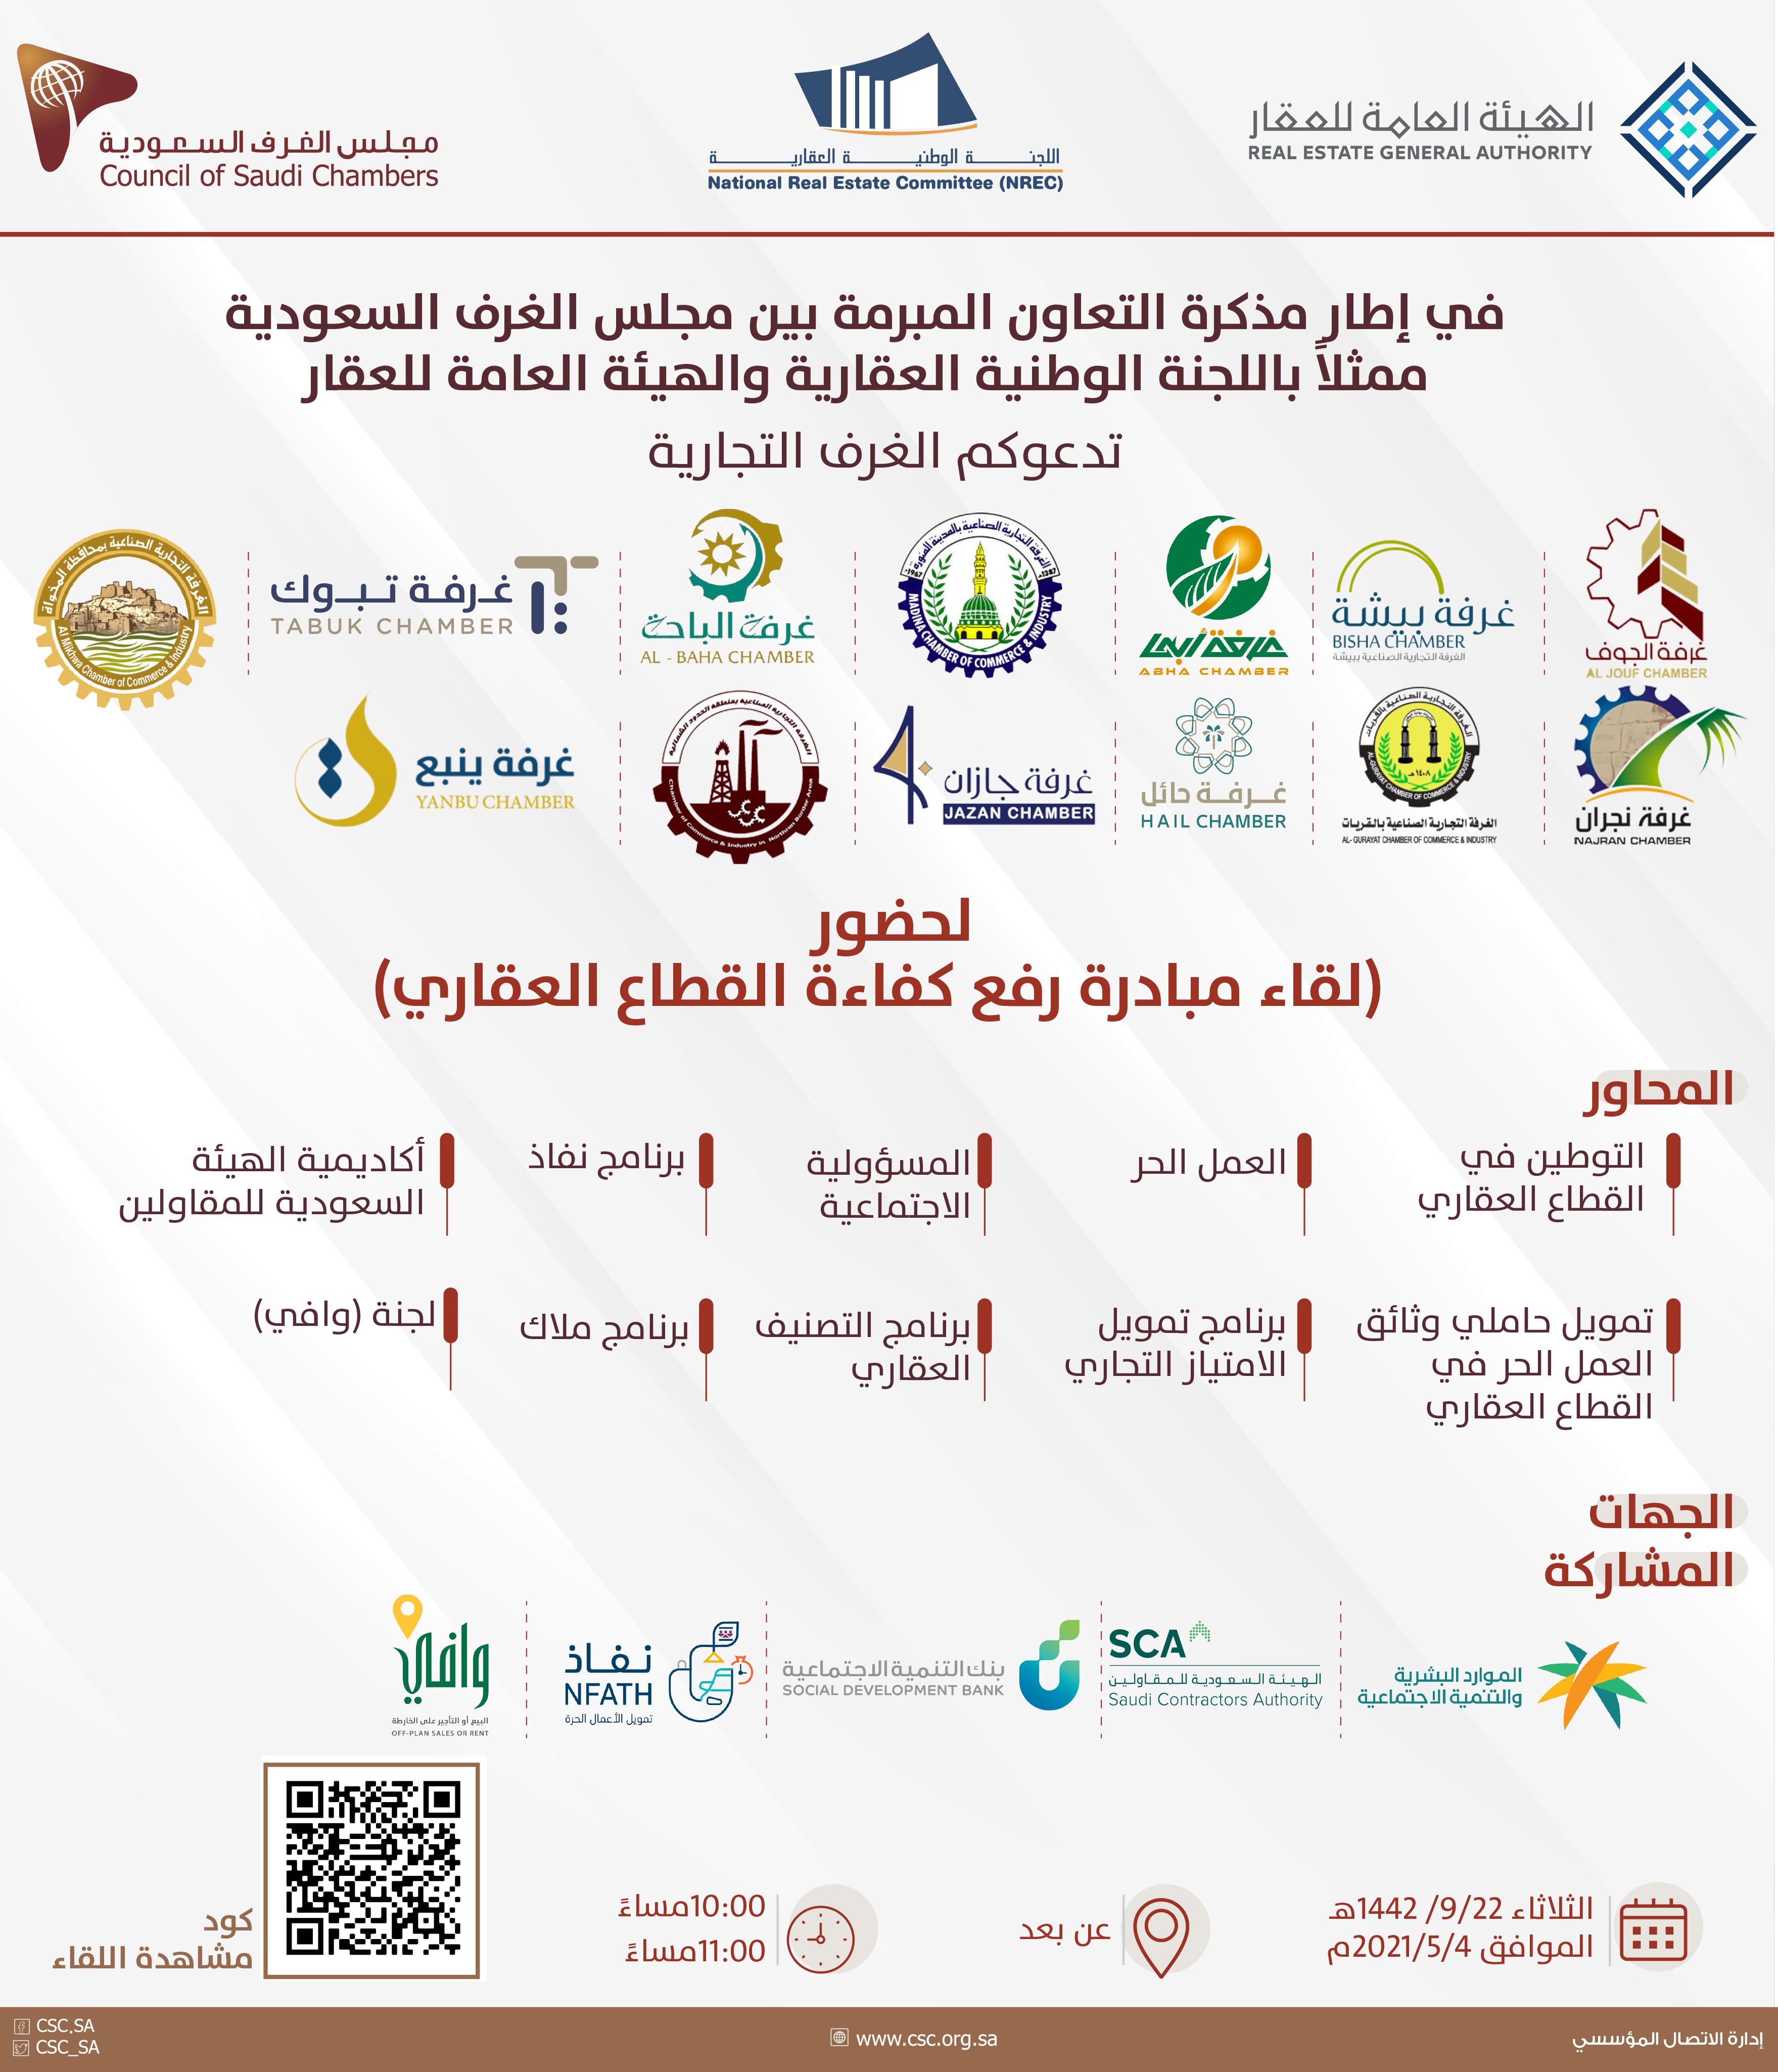 (AR) لقاء مبادرة رفع كفاءة القطاع العقاري